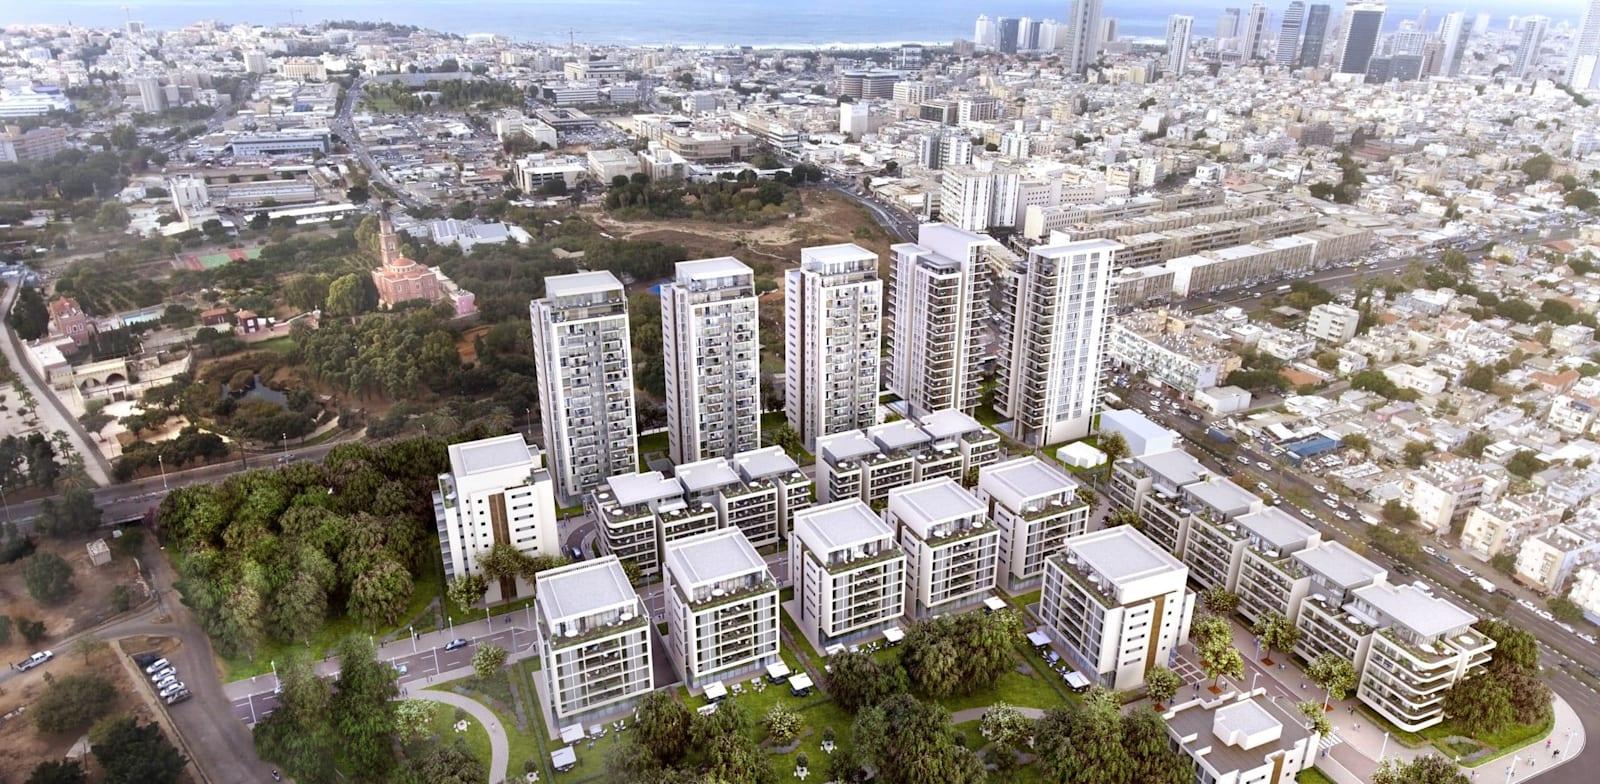 מתחם פארק חורשות, בתל אביב / צילום: 3Division